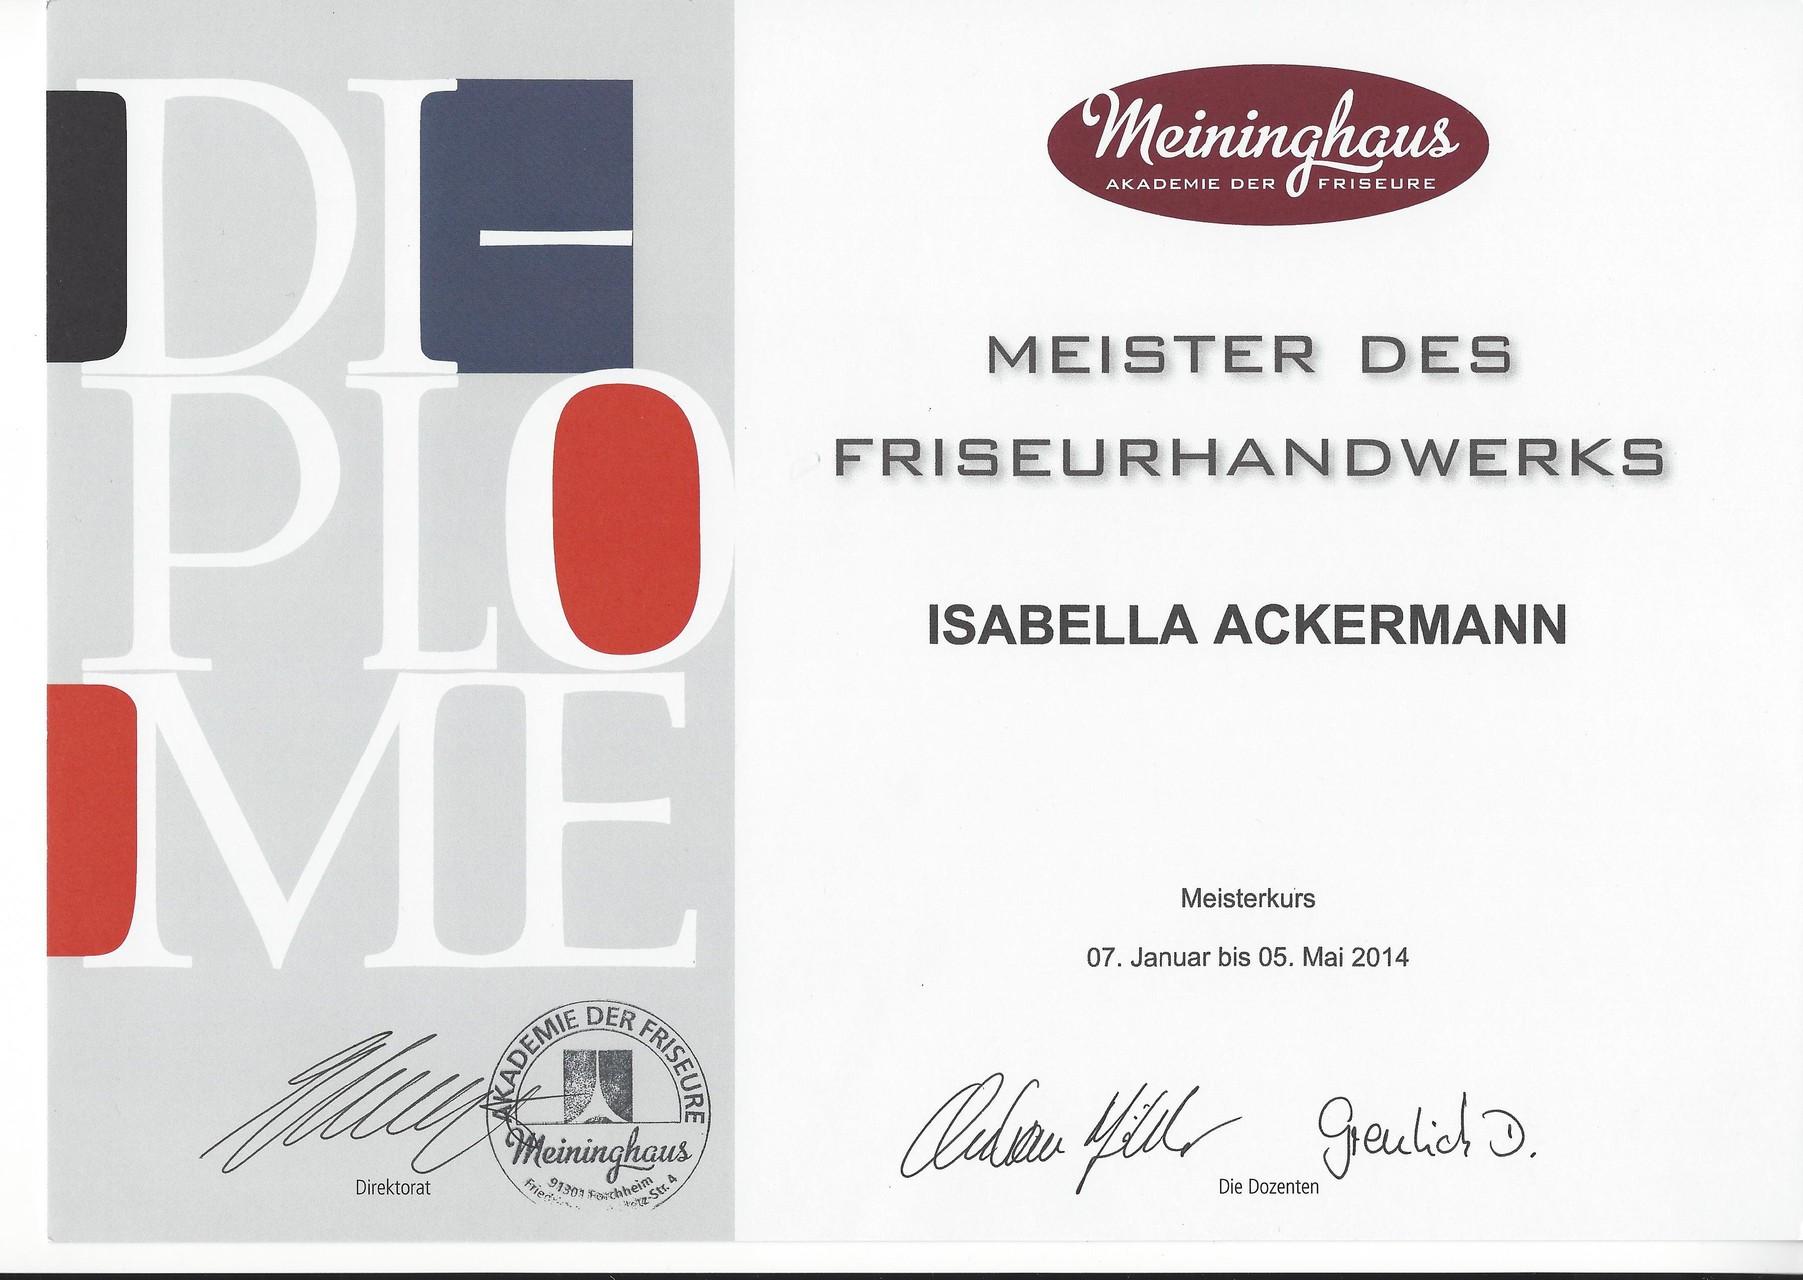 Meisterbrief bei Meininghaus in Forchheim